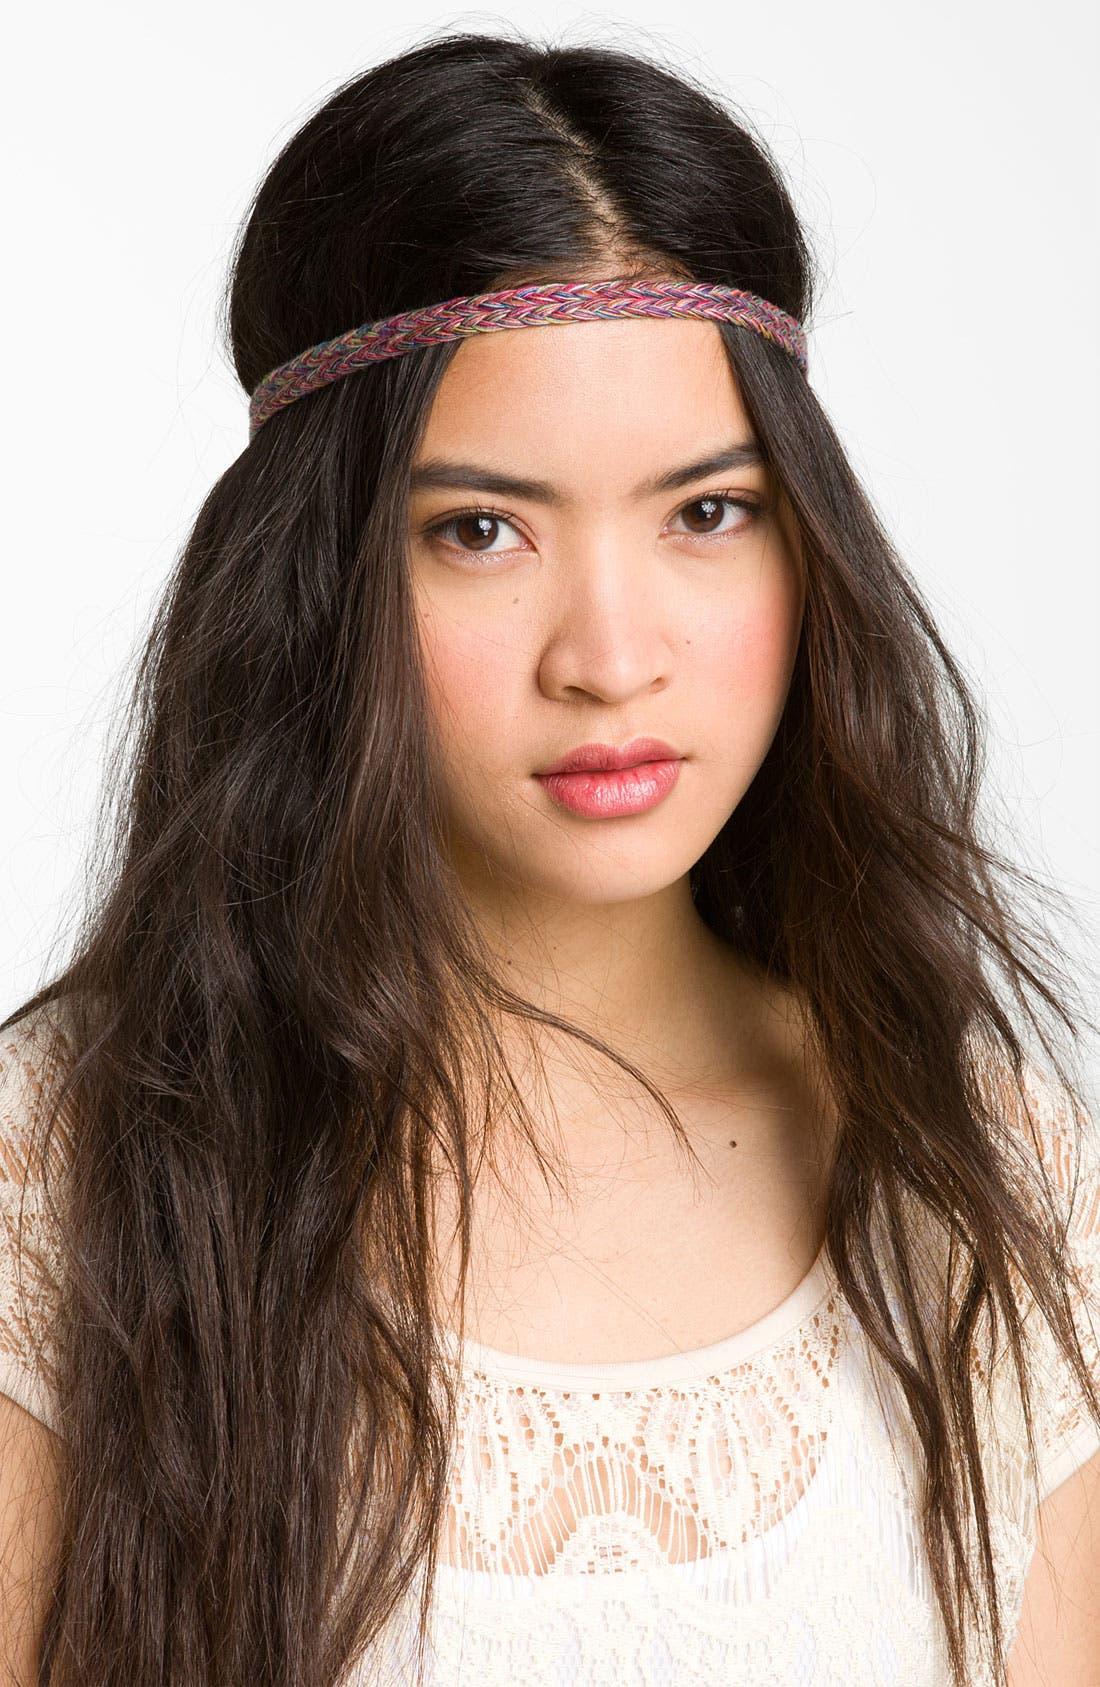 Main Image - Lulu Multicolor Braided Headband